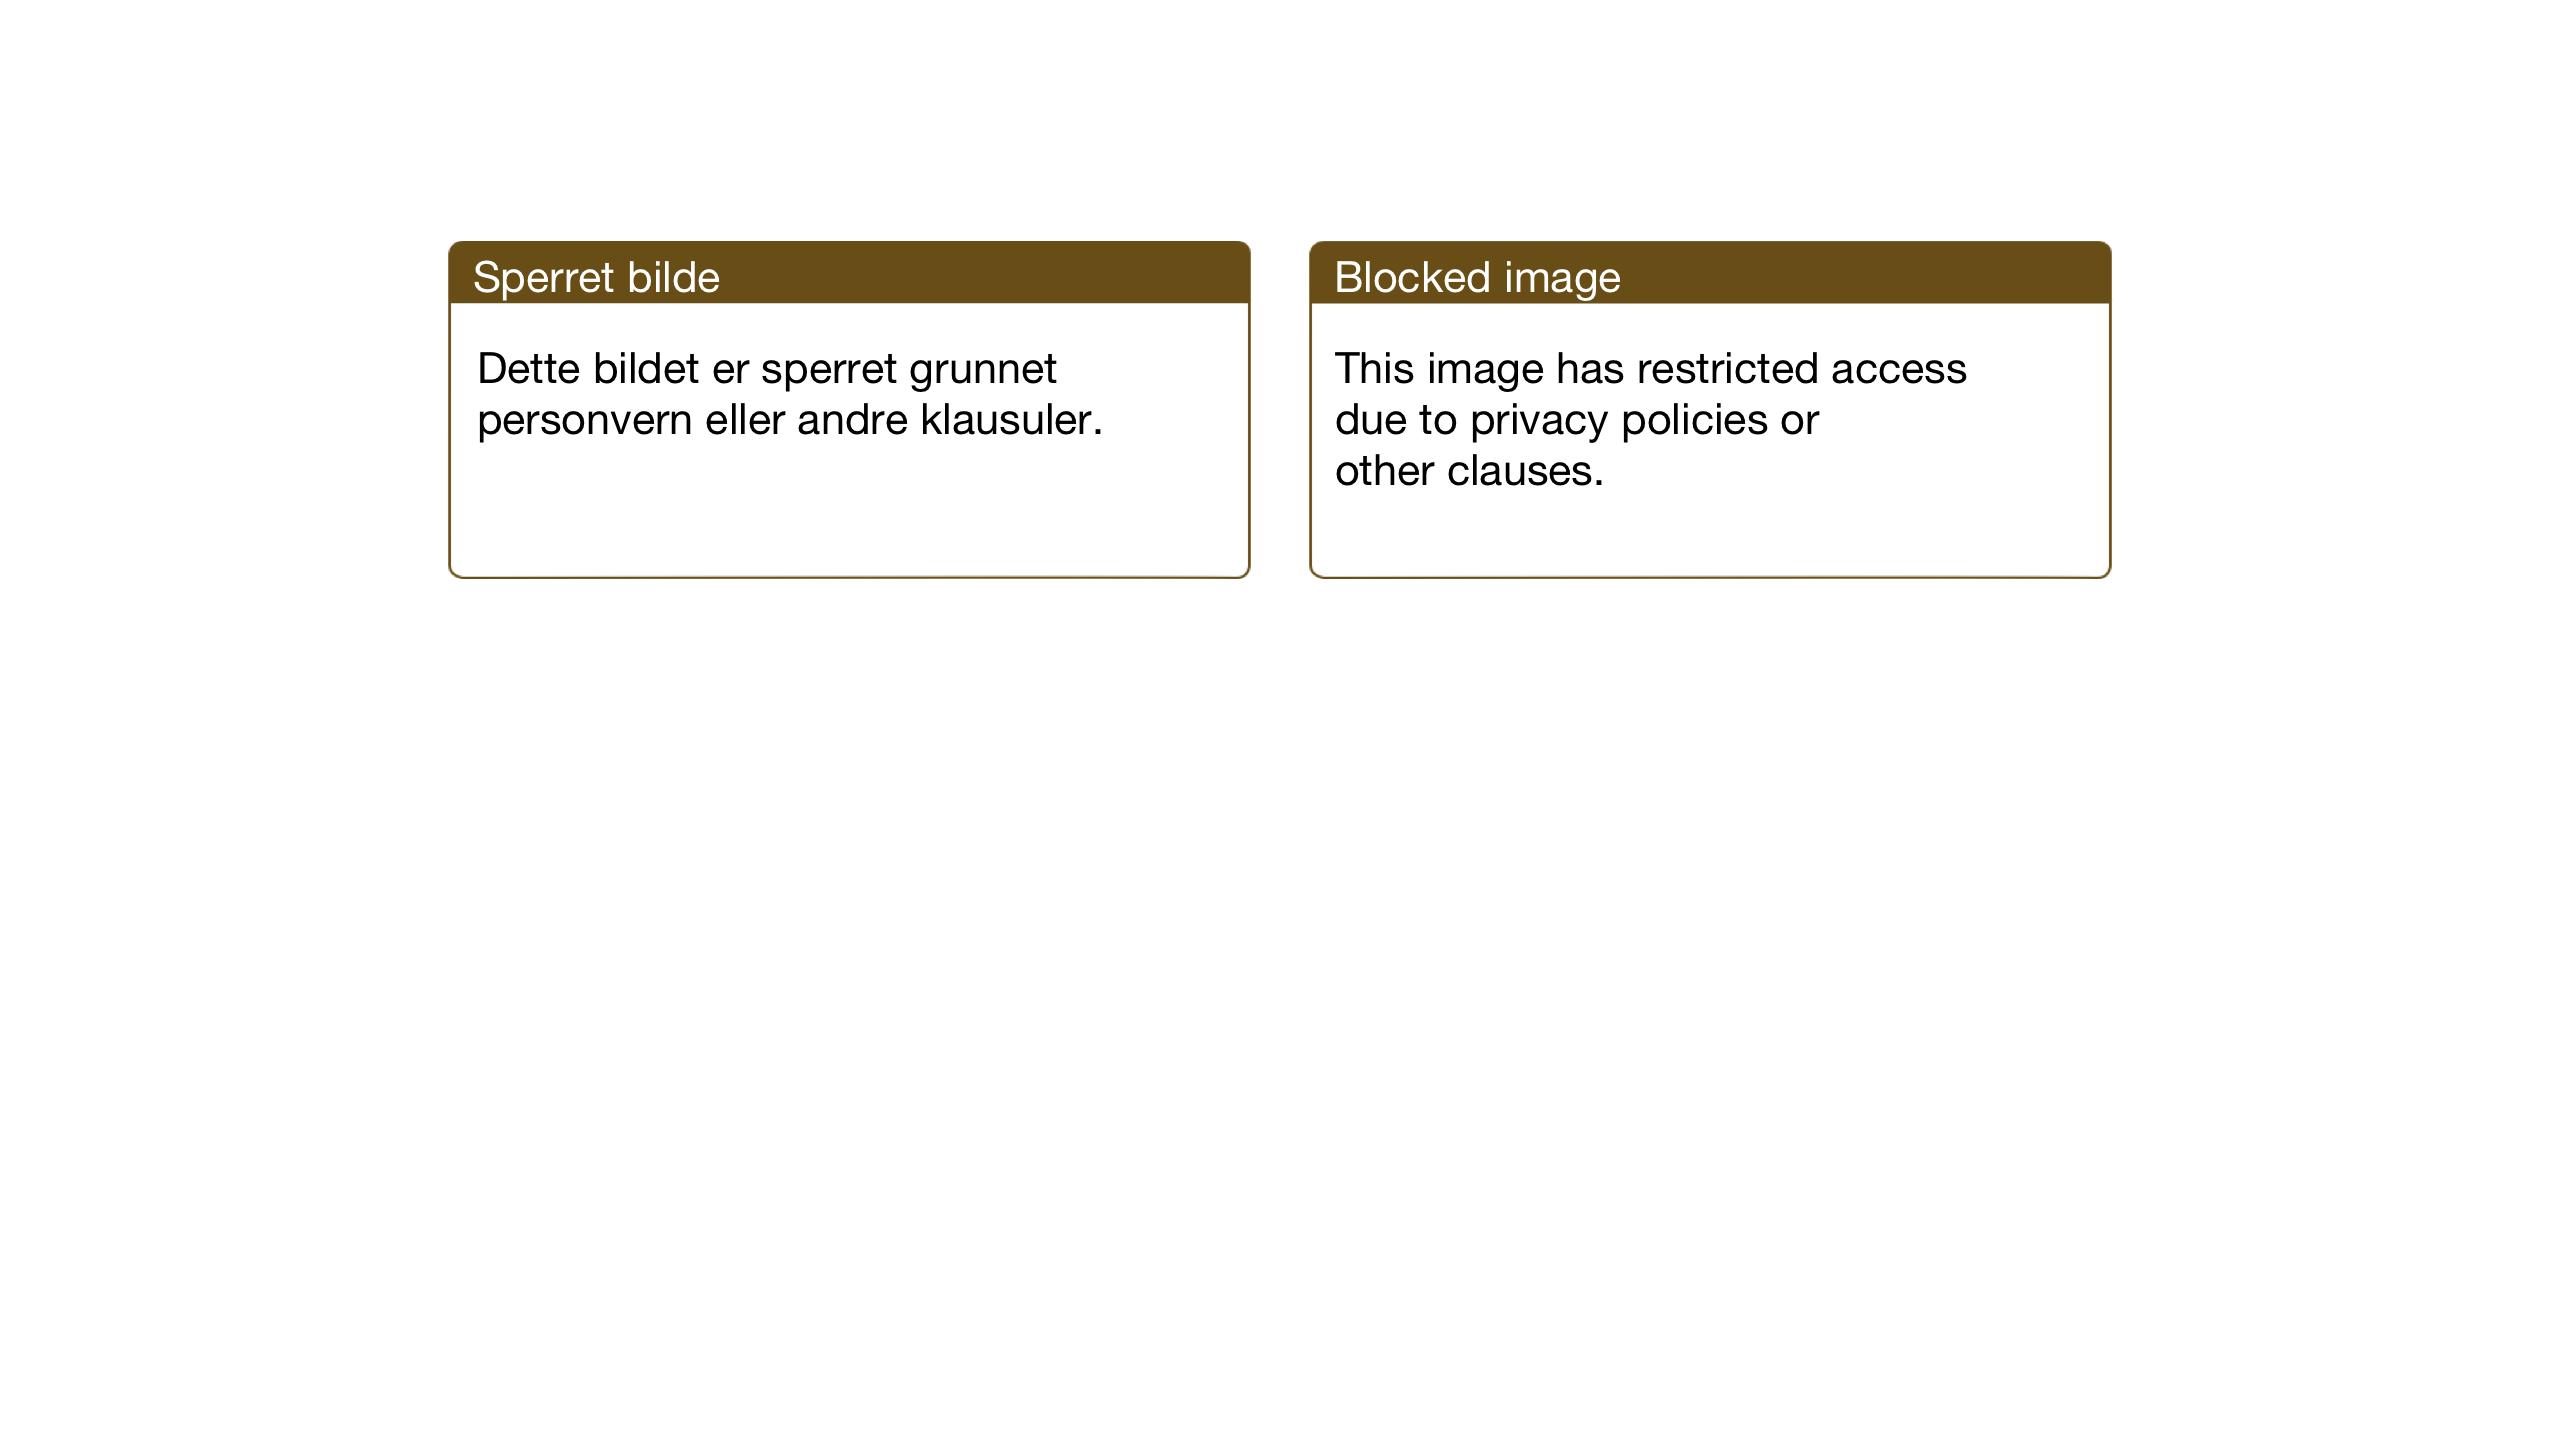 SAT, Ministerialprotokoller, klokkerbøker og fødselsregistre - Nord-Trøndelag, 701/L0019: Klokkerbok nr. 701C03, 1930-1953, s. 205